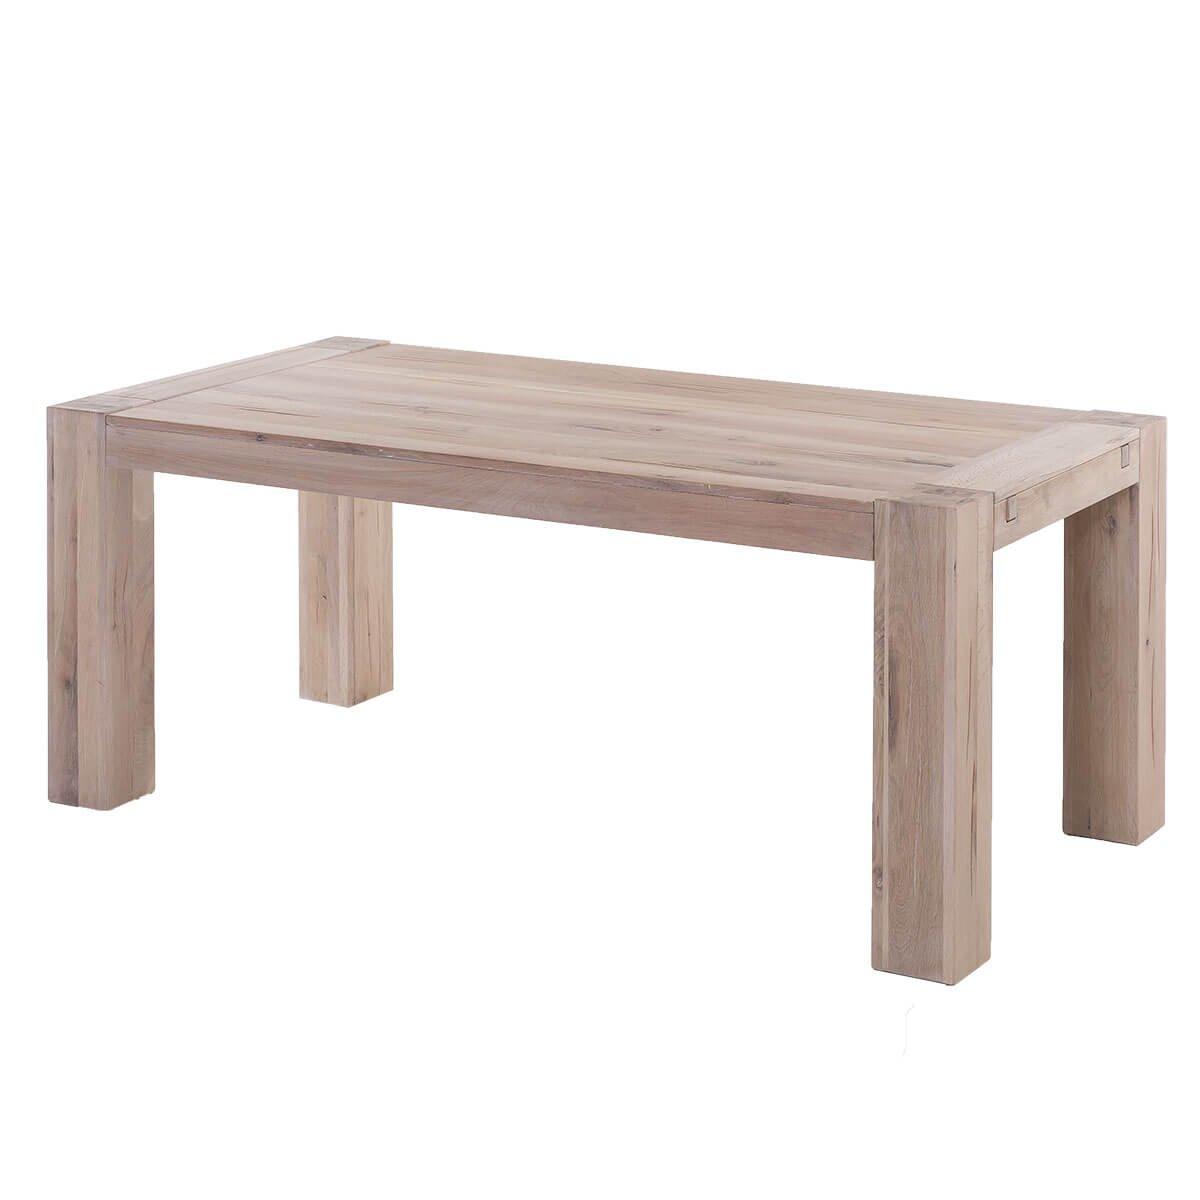 Esstisch Esszimmertisch Küchentisch Granby 200x100, Massivholz Holz Eiche massiv Balkeneiche White Wash, Breite 200 cm, Tiefe 100 cm, Höhe 77 cm